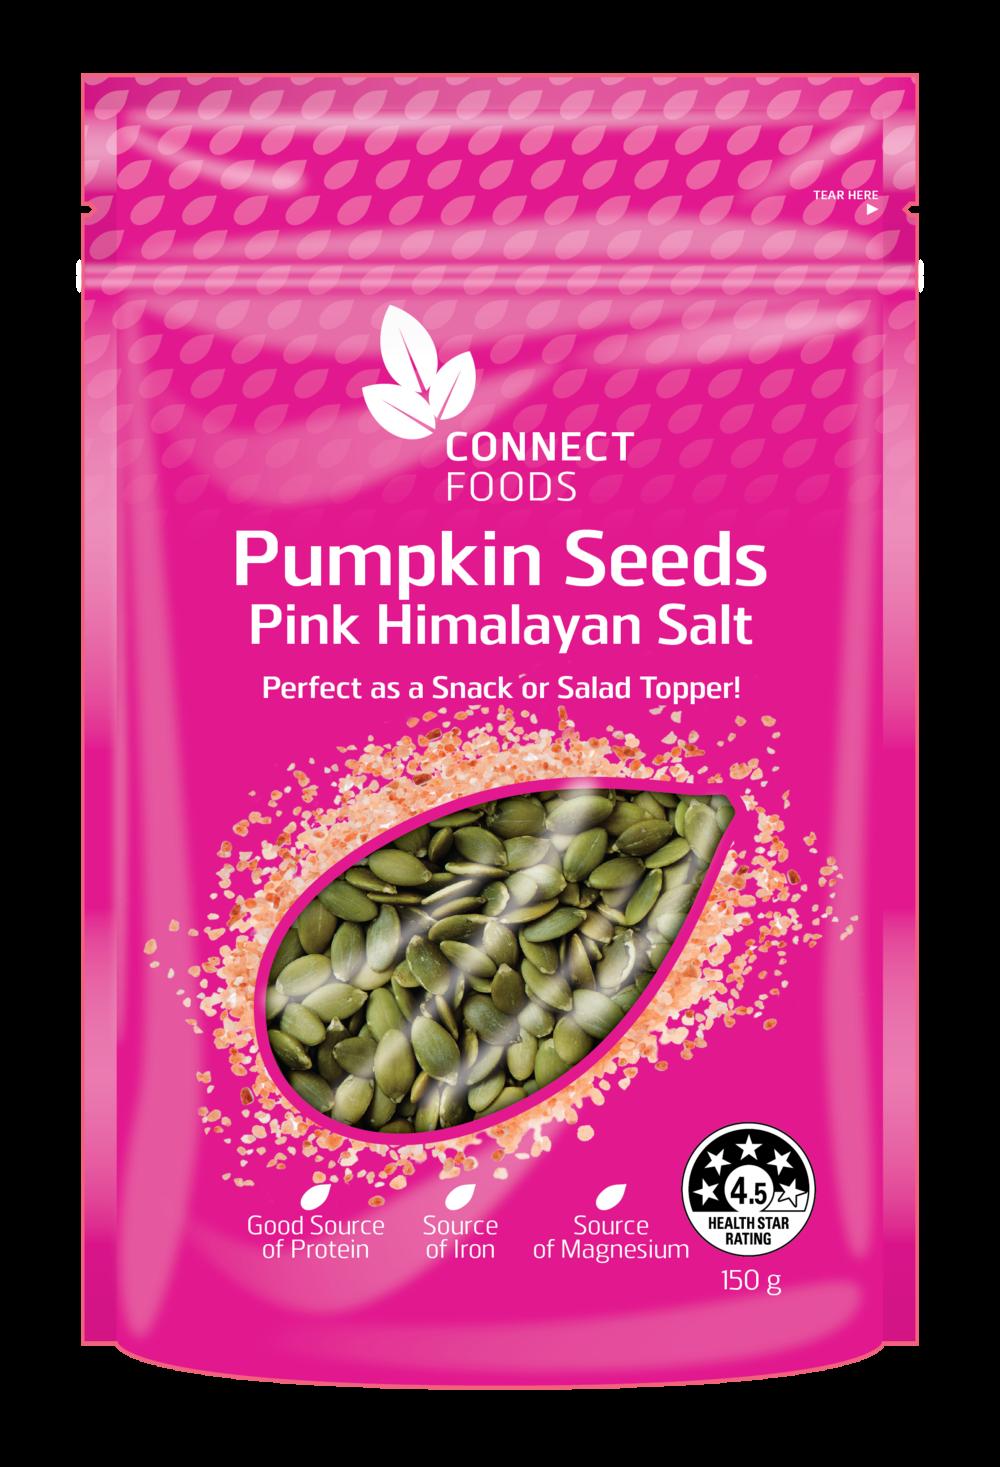 CF_PumpkinSeeds_Render_Oct2018-01.png